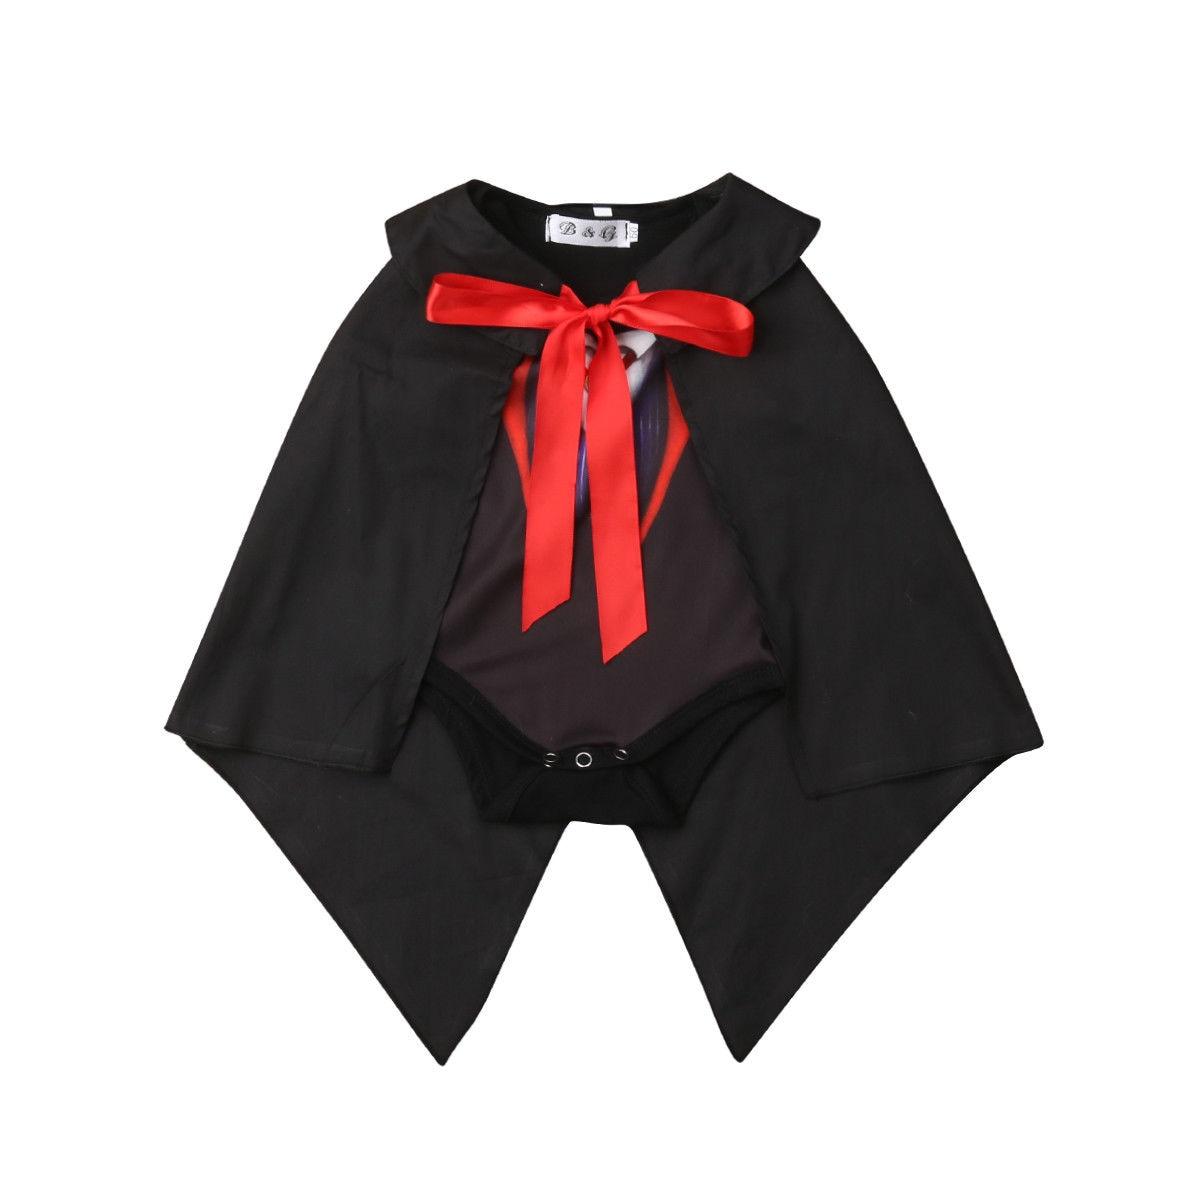 Angemessen Neue Stil Kleinkind Baby Kid Theater Cosplay Outfit Romper + Mantel Mantel Set Kleidung Attraktiv Und Langlebig